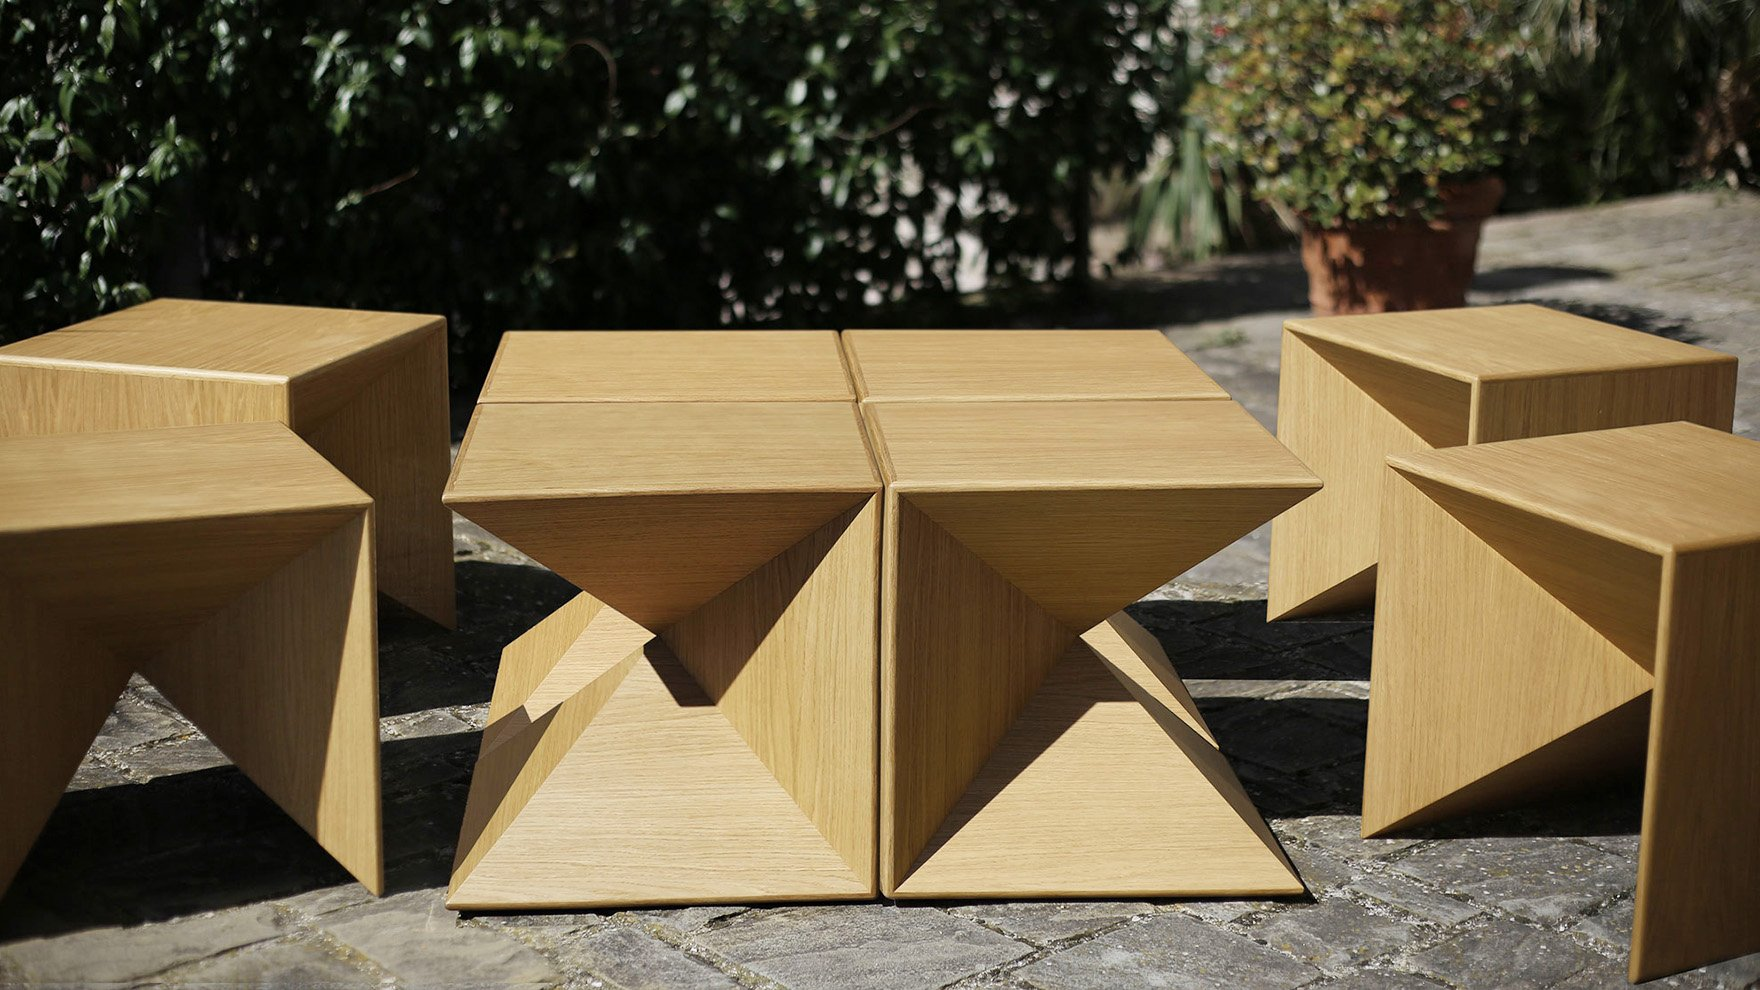 qbico-modello-reale-ambientato-marcello-cannarsa-3